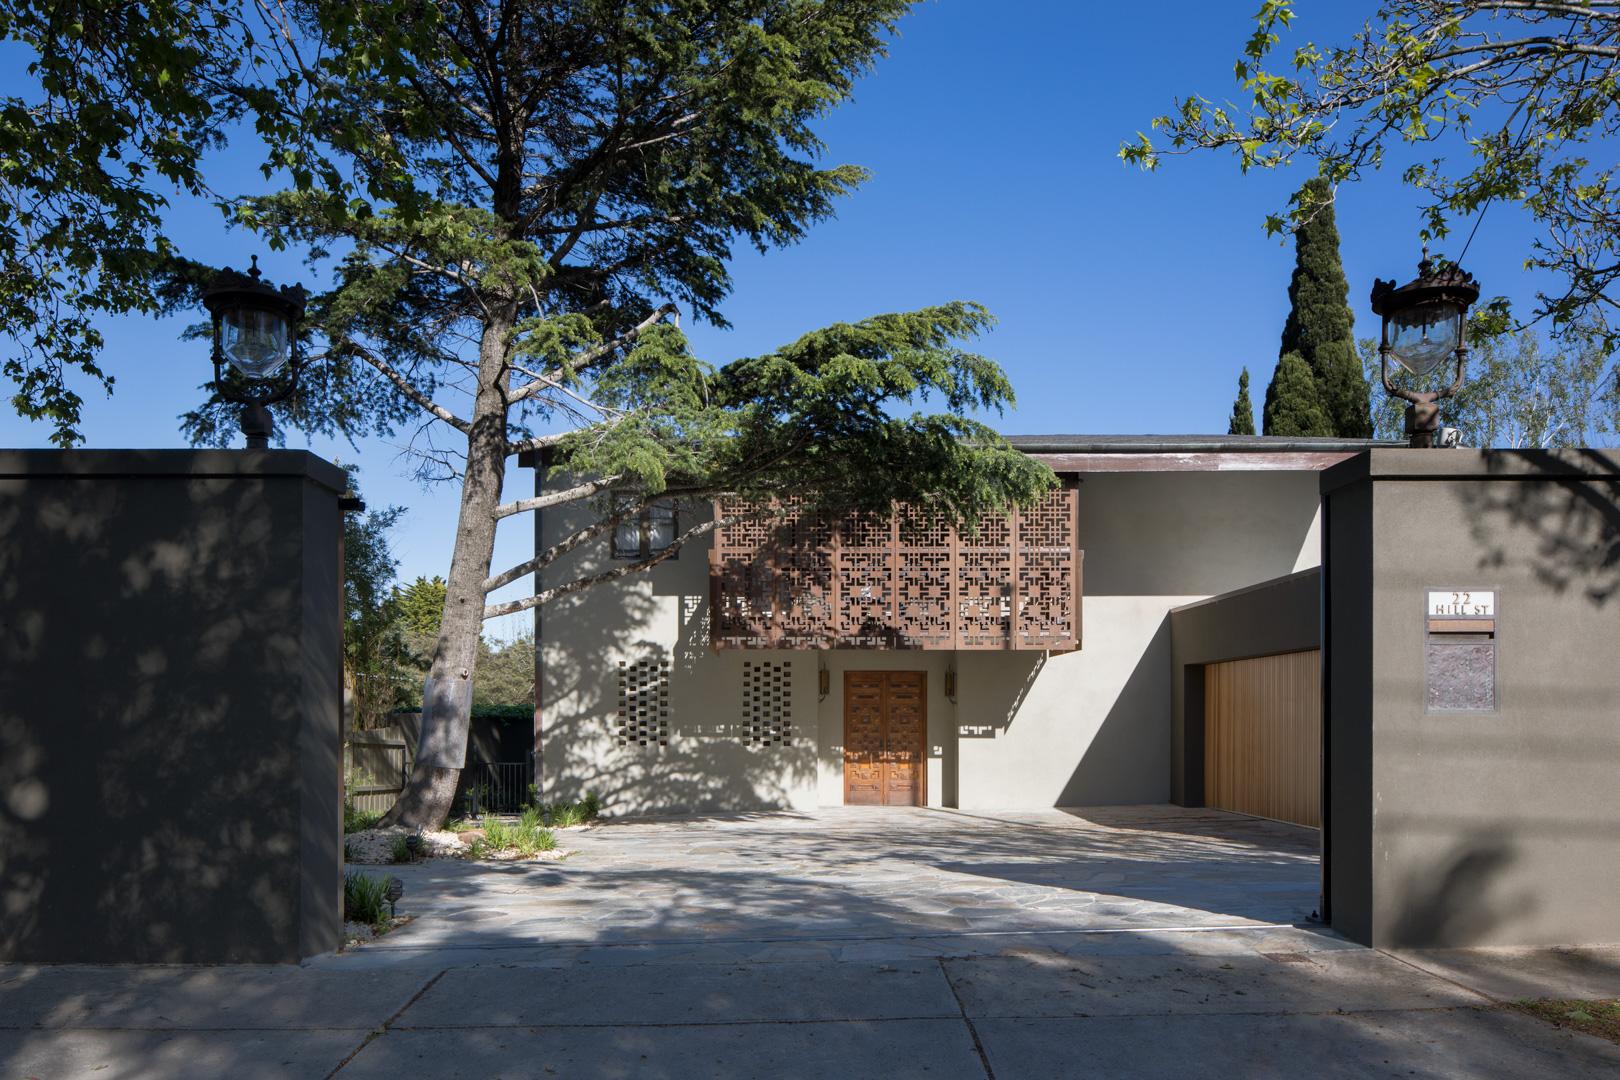 Xen_Architects_Hill_St-®Tatjana_Plitt_57A2231.jpg